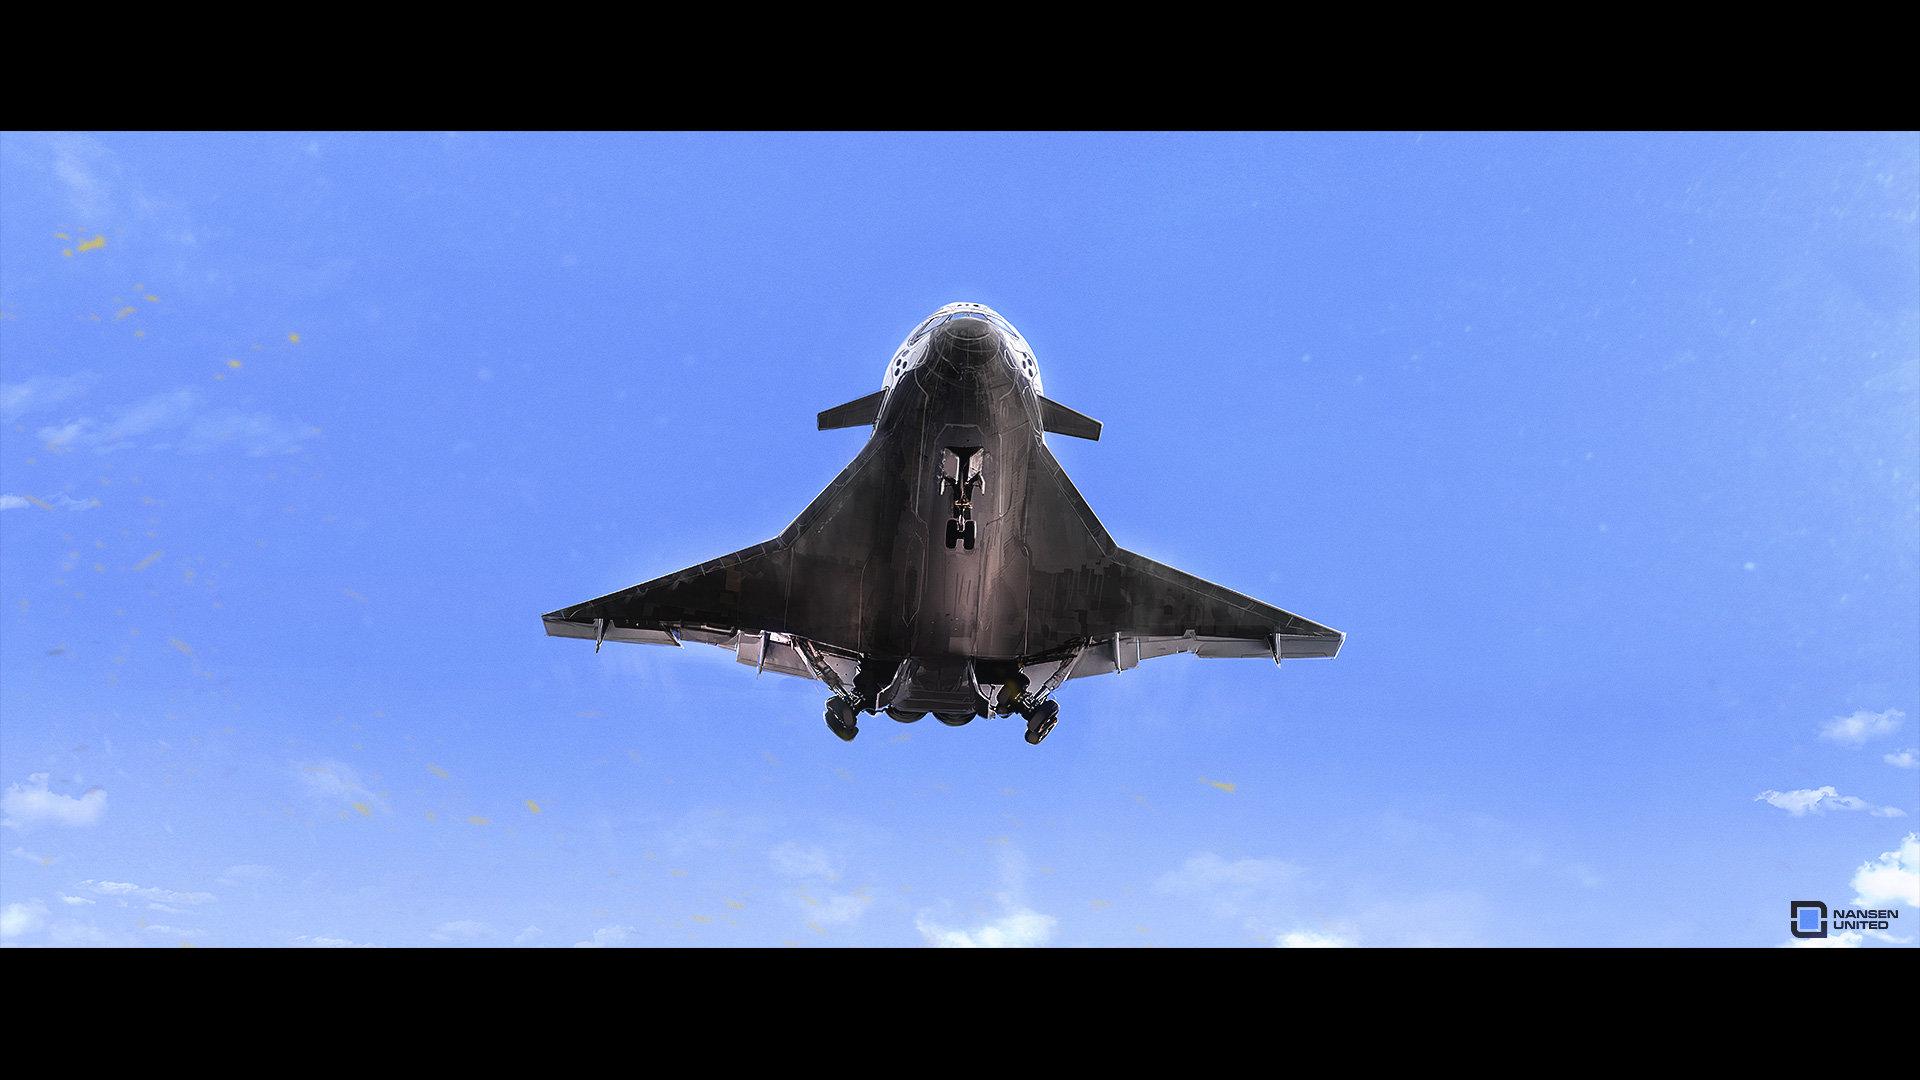 Mac rebisz 20150224 nansen spaceplane landing 002